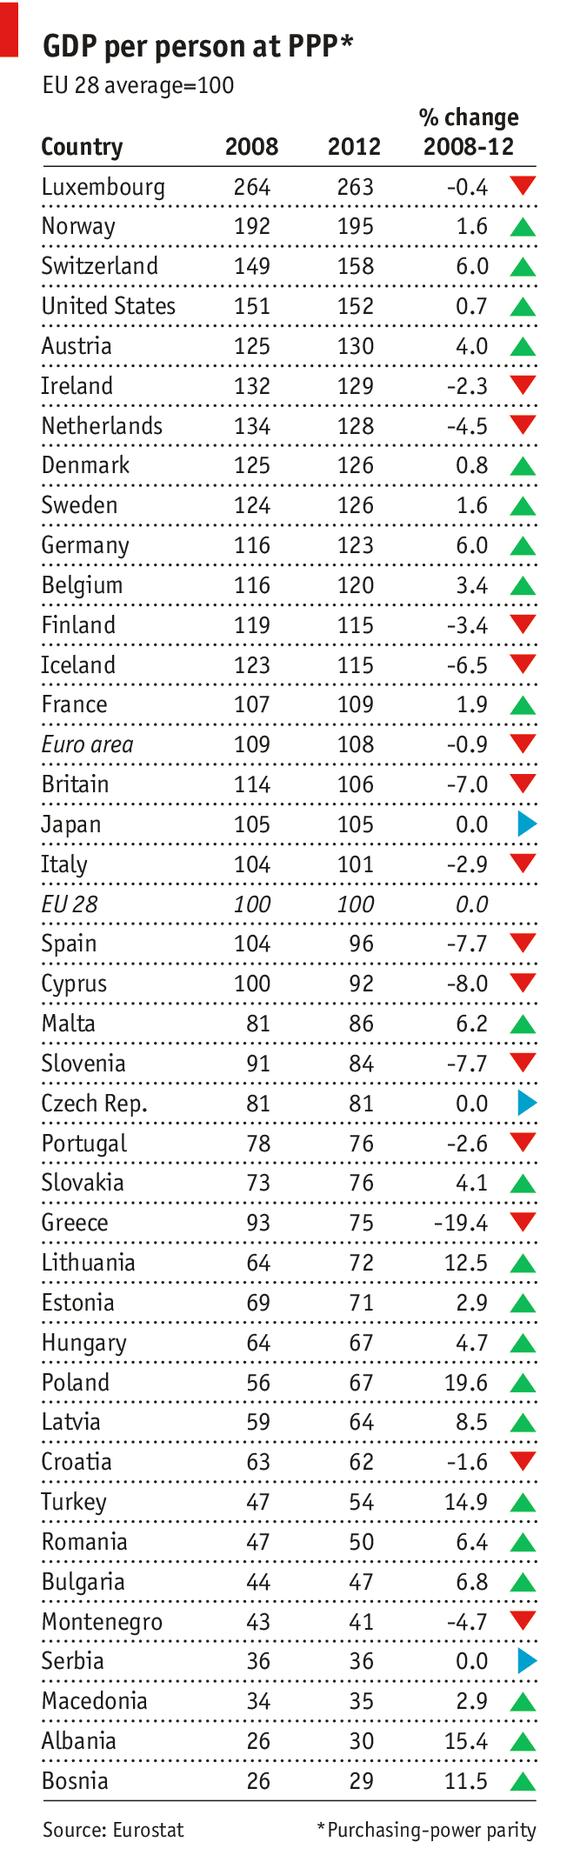 PIL pro capite in PPP (parità potere d'acquisto)